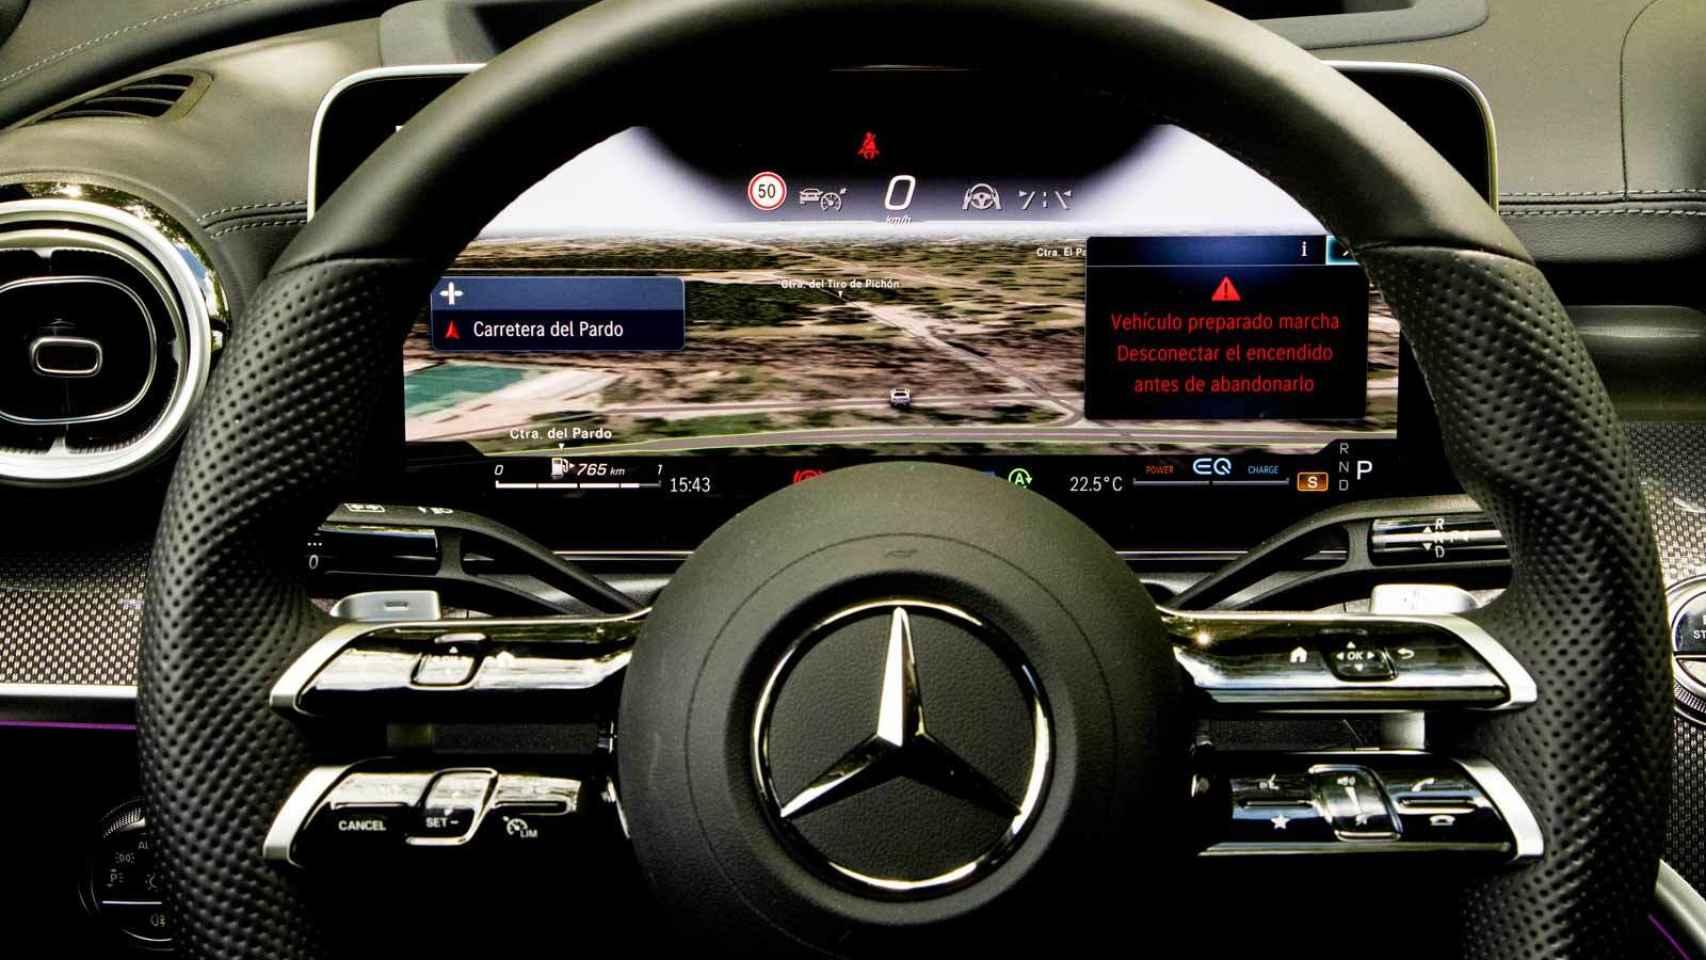 Galería de fotos del nuevo Mercedes Clase C 2021